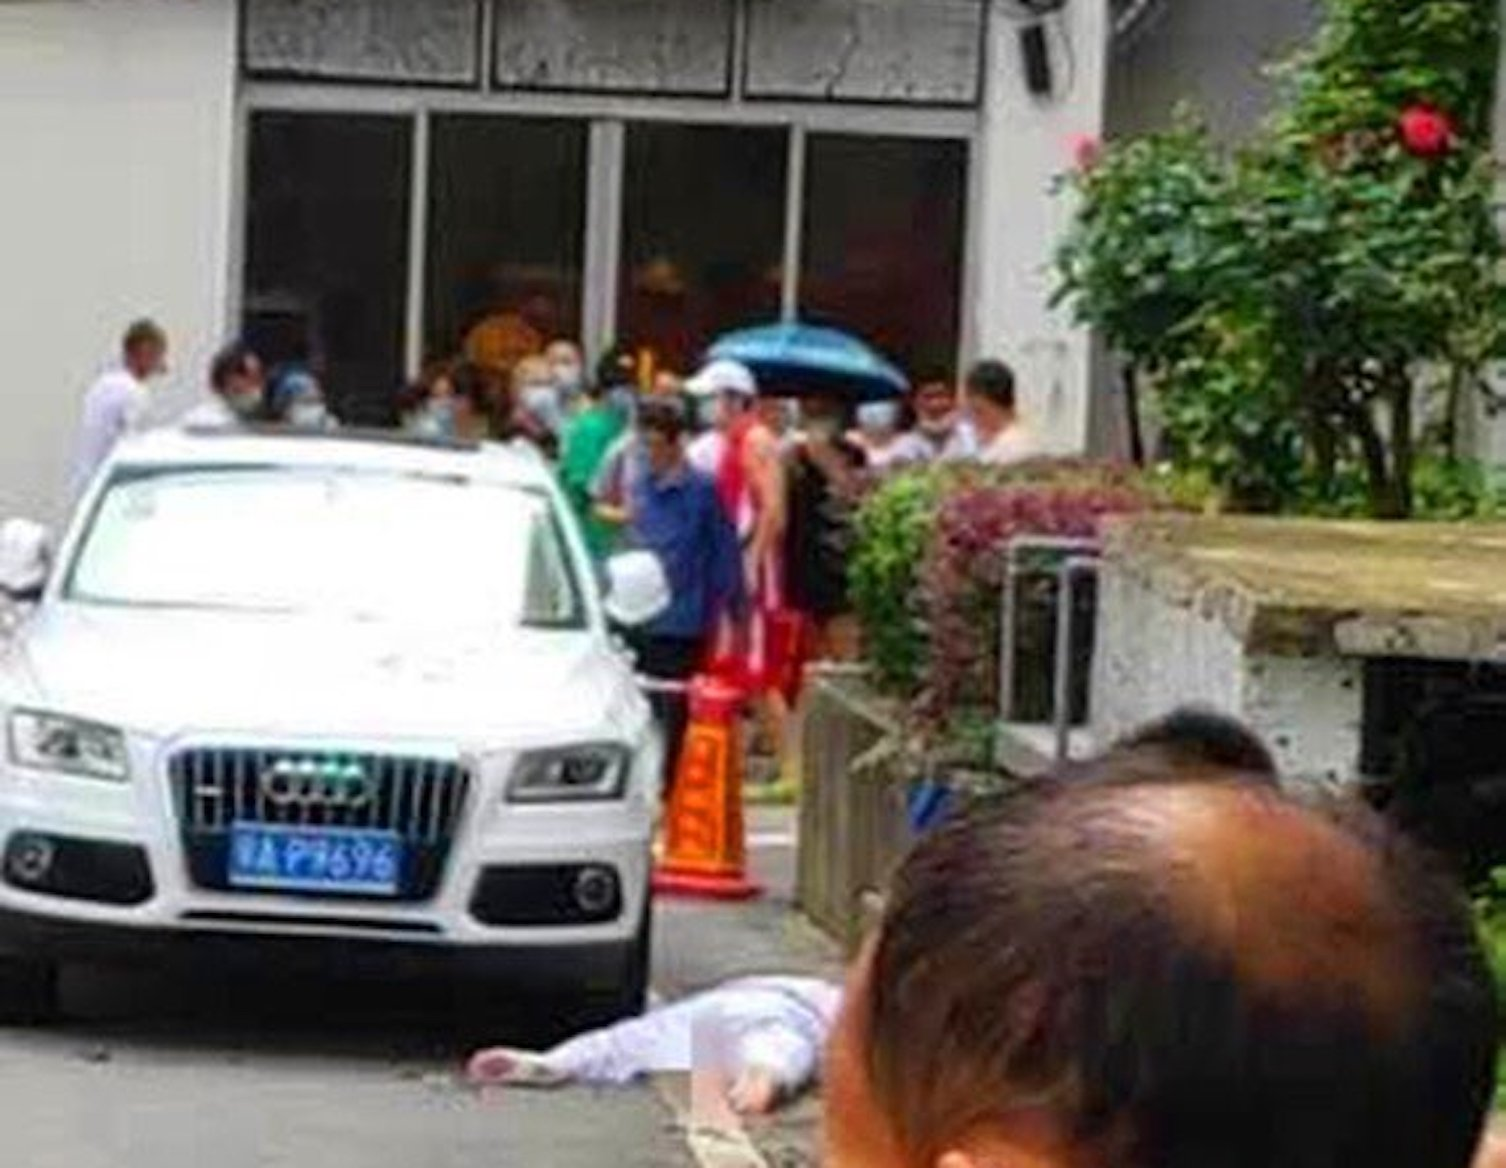 2020年7月29日,武漢協和醫院心內科護士張某婉墜樓身亡。圖為事發現場。(推特圖片)